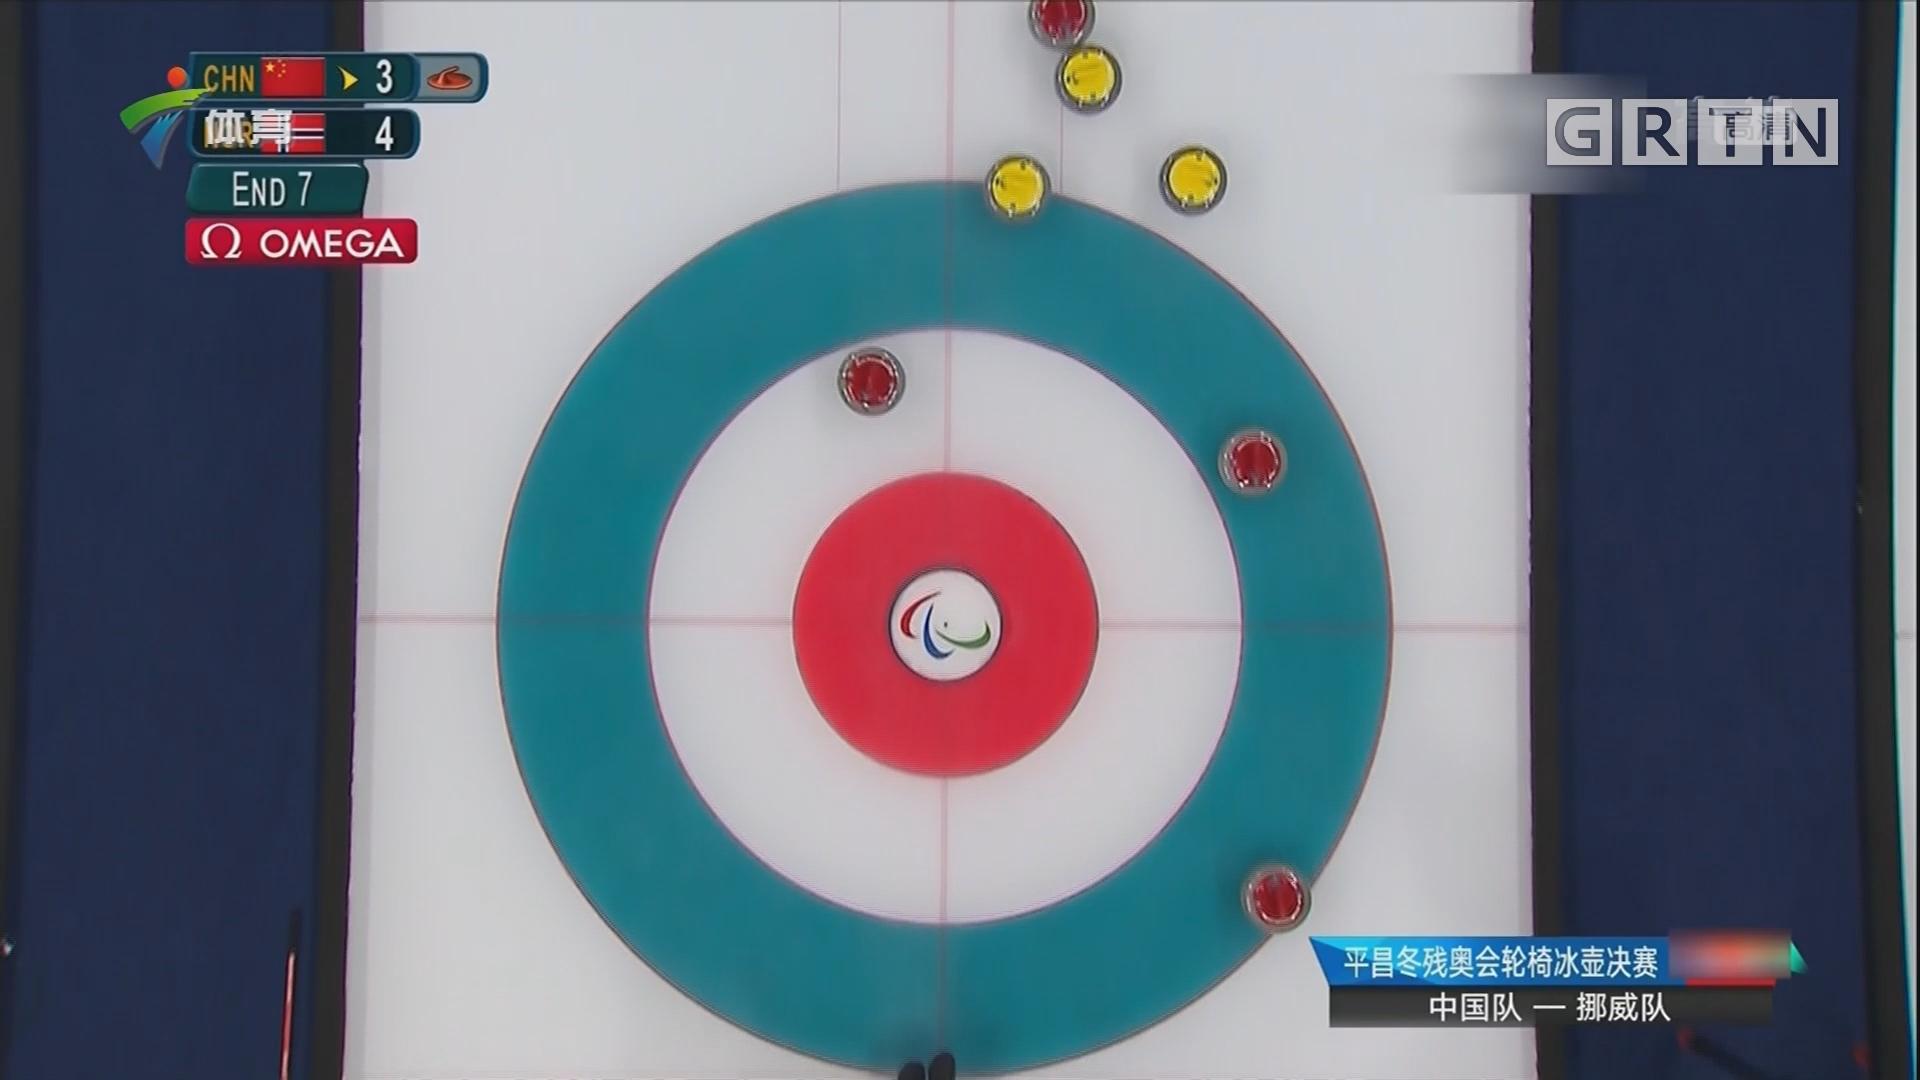 中国轮椅冰壶队夺金 中国实现冬残奥会金牌零突破